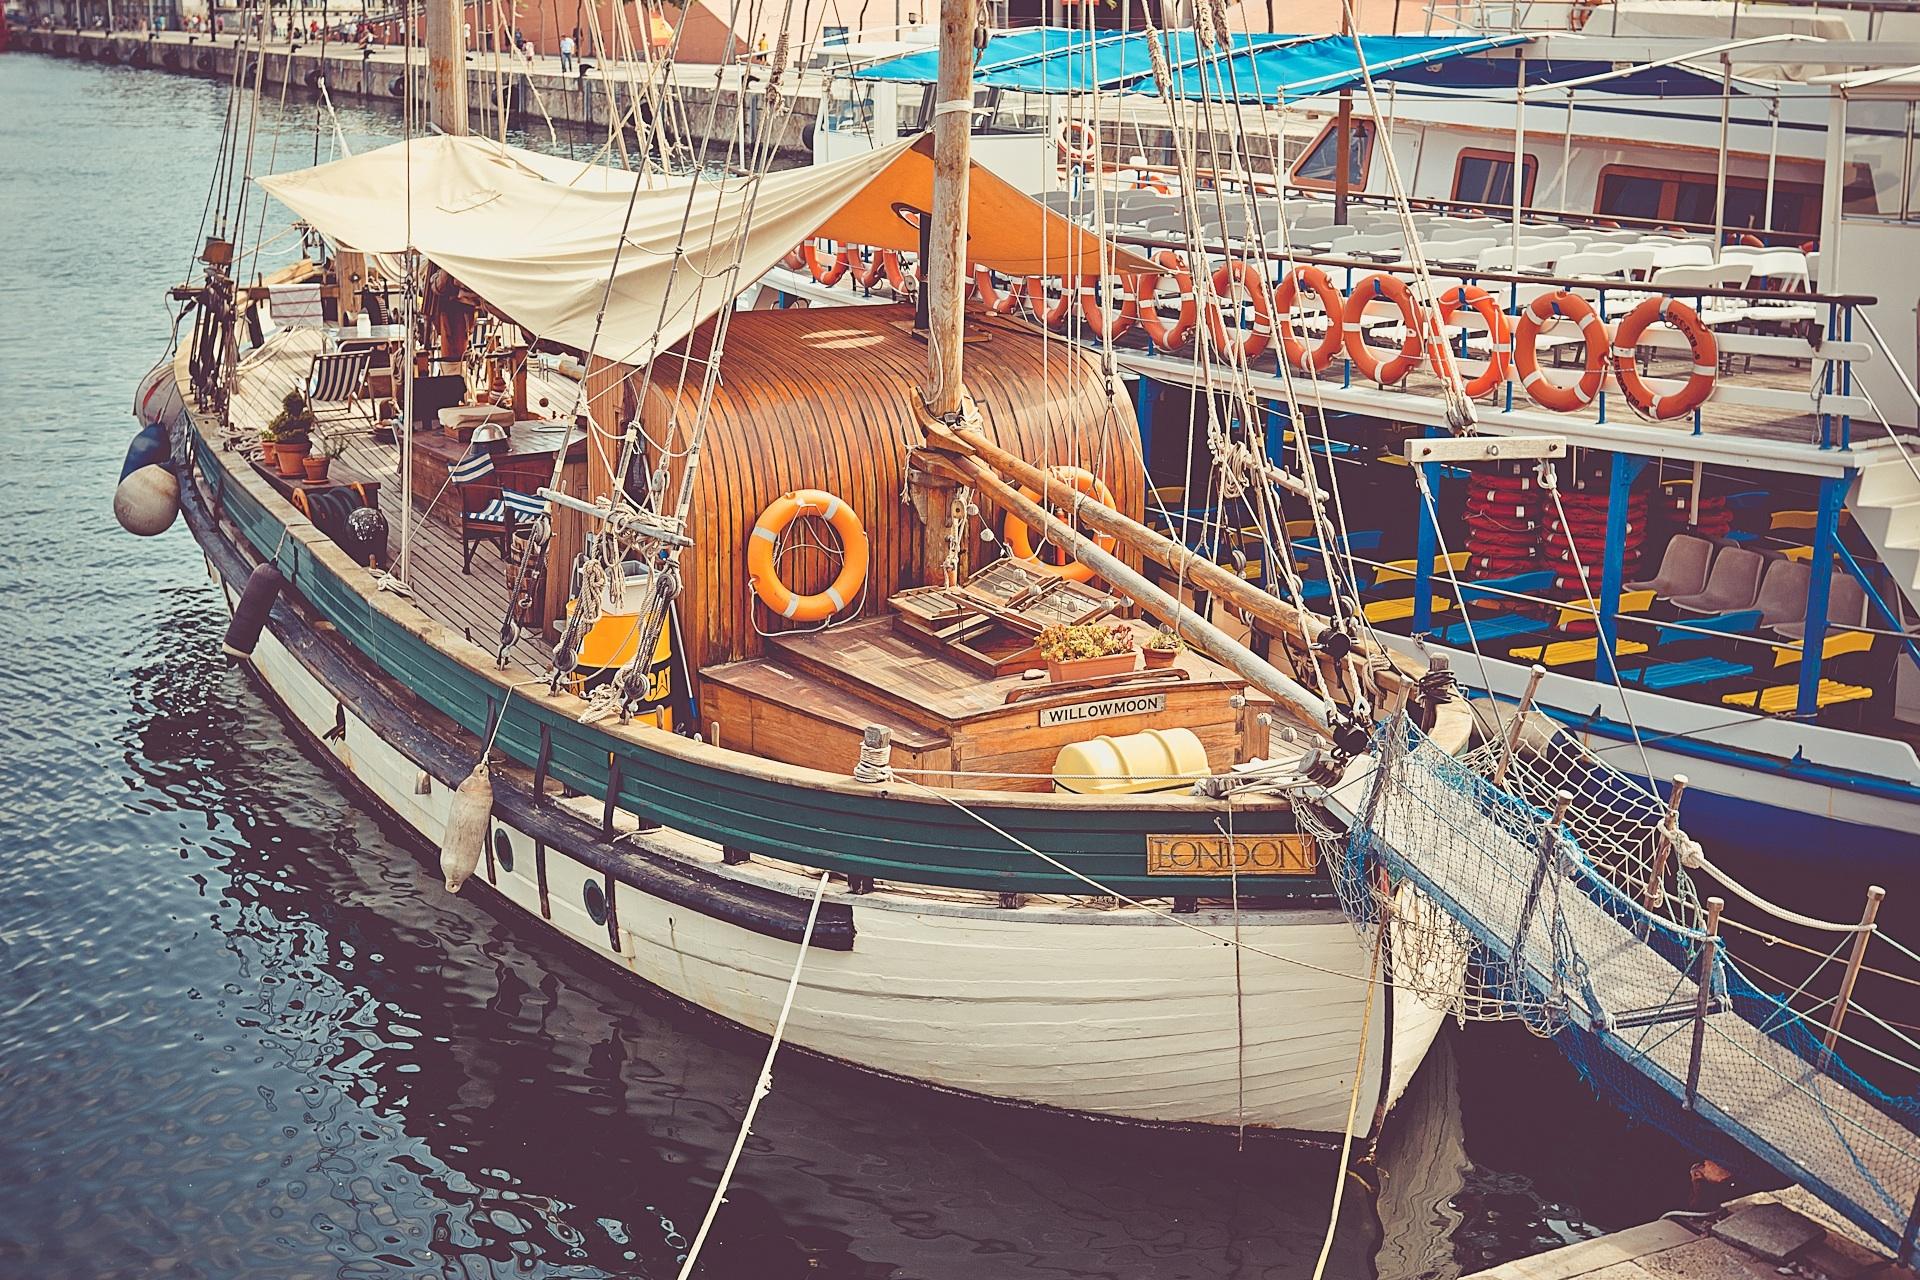 Port, Boat, Journey, Sea, Ship, HQ Photo